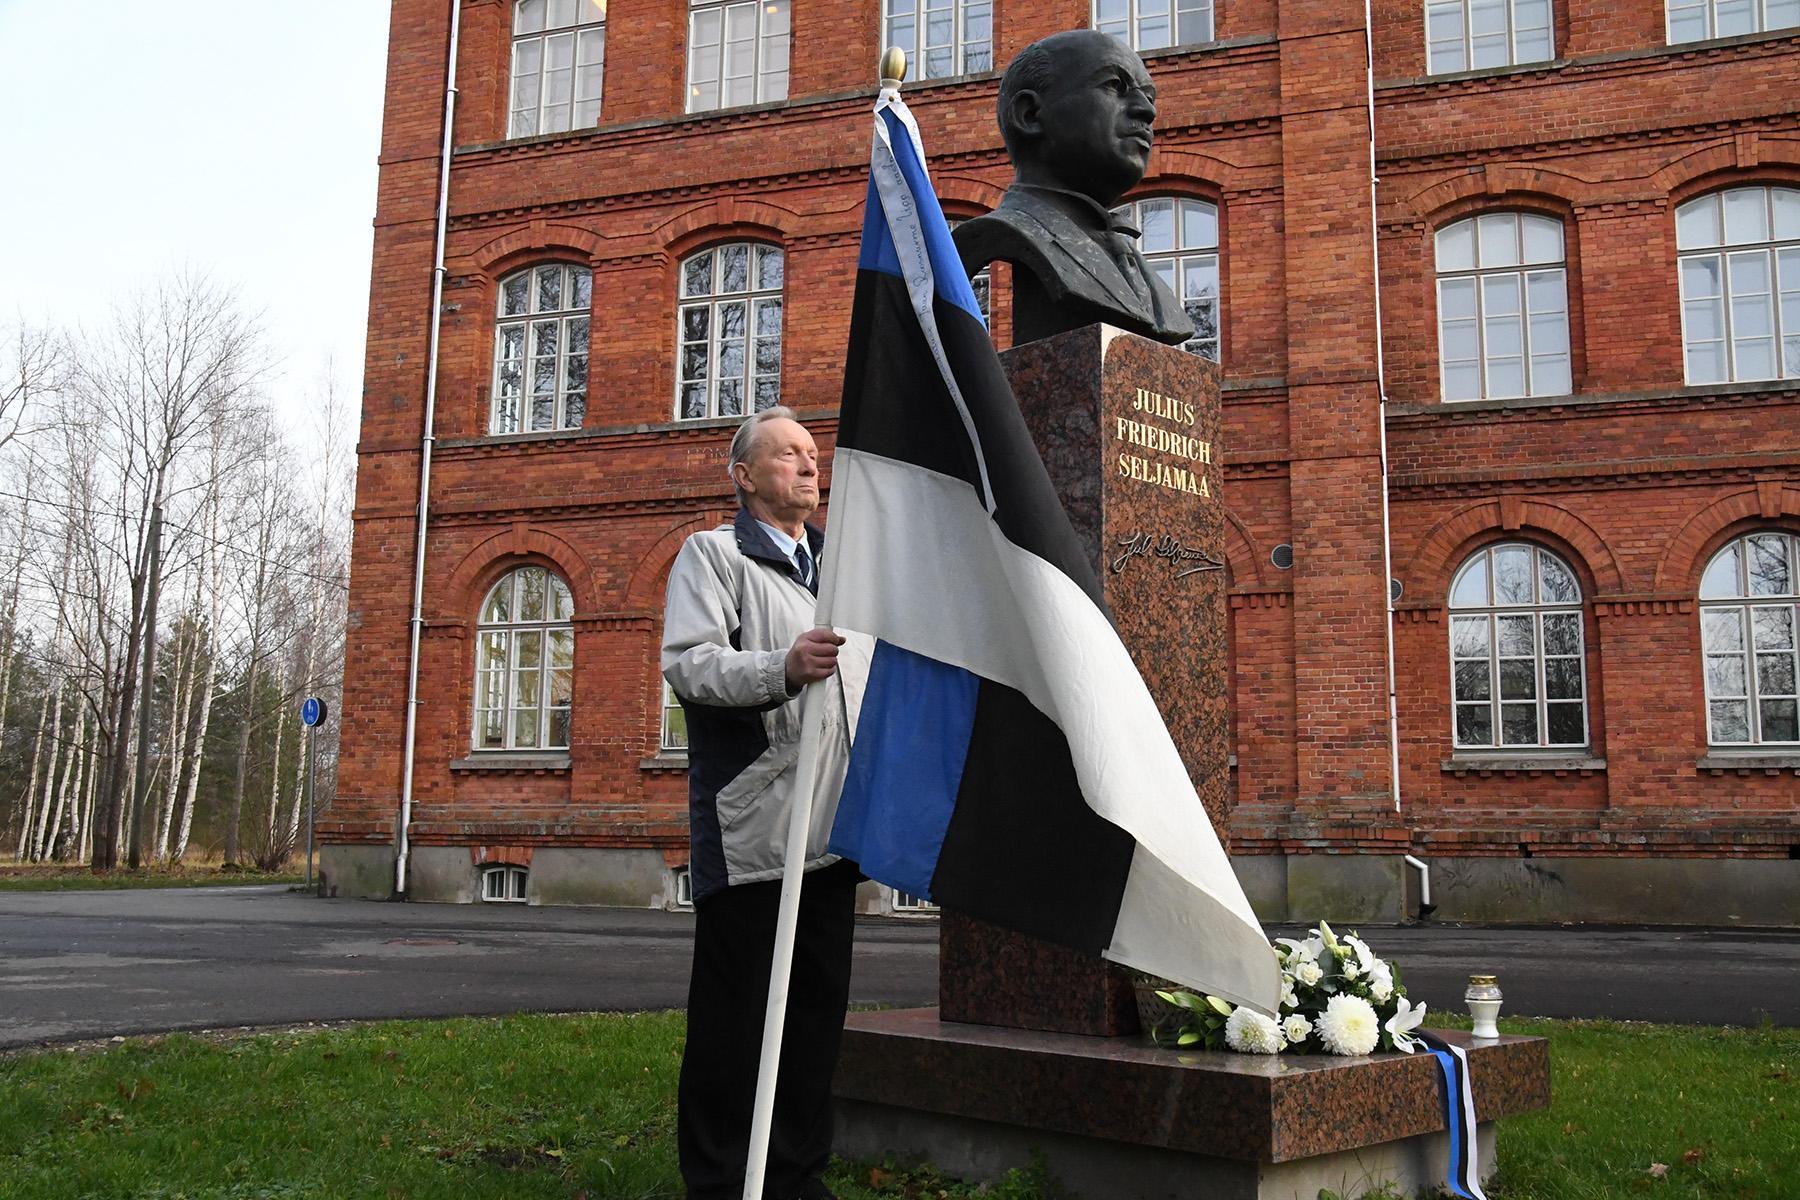 Julius Friedrich Seljamaa ausamba juures seisab ajaloolise lipuga auvalves Jaan Roosnurm, Eesti lipu seltsi liige. Foto Urmas Saard